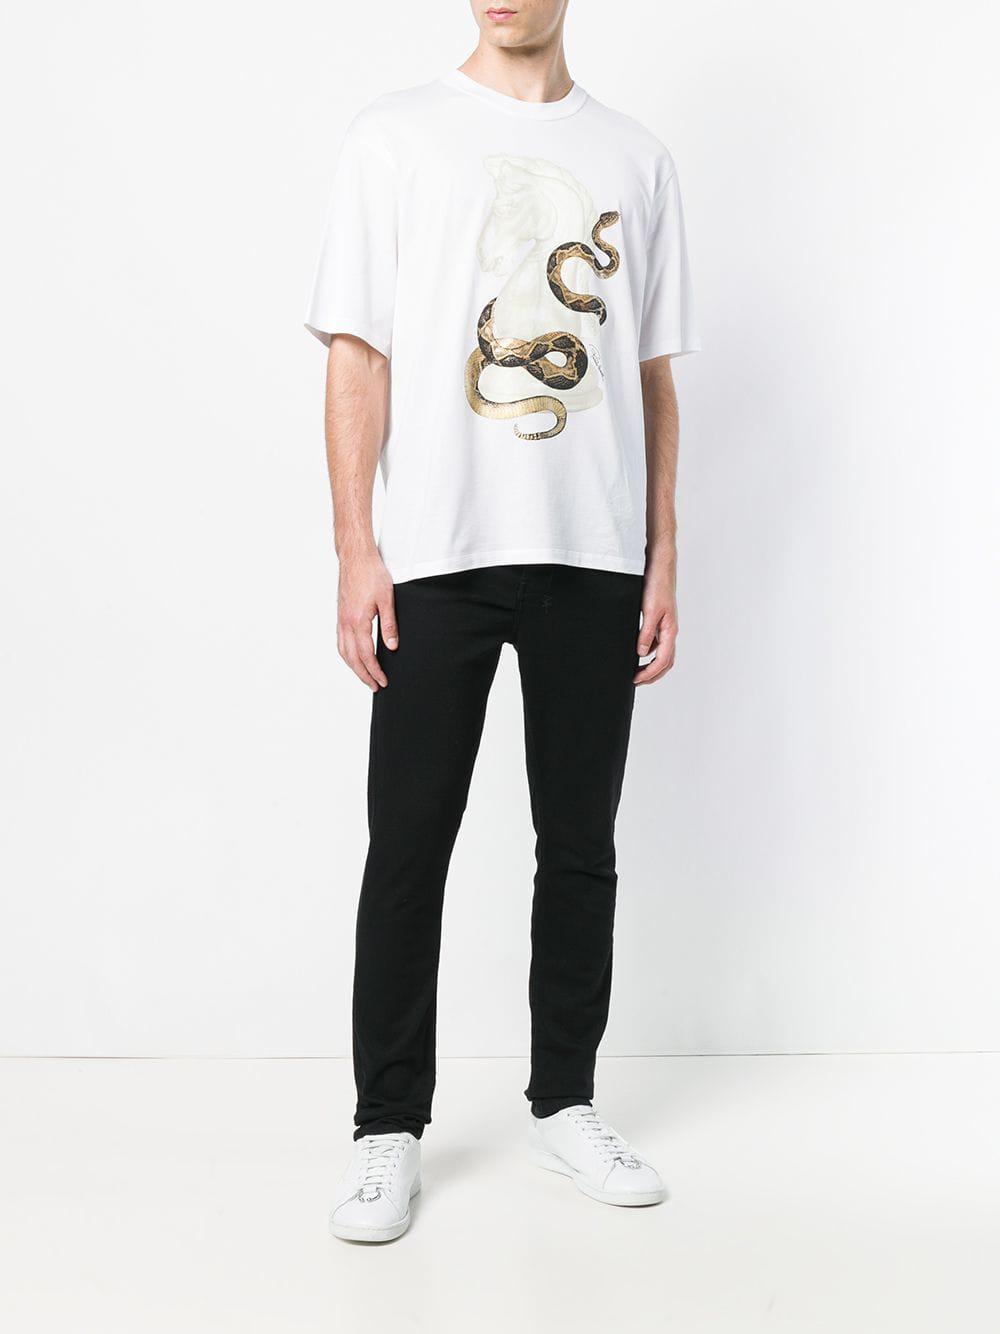 ce4f98740465 Roberto Cavalli Snake Print T-shirt in White for Men - Lyst